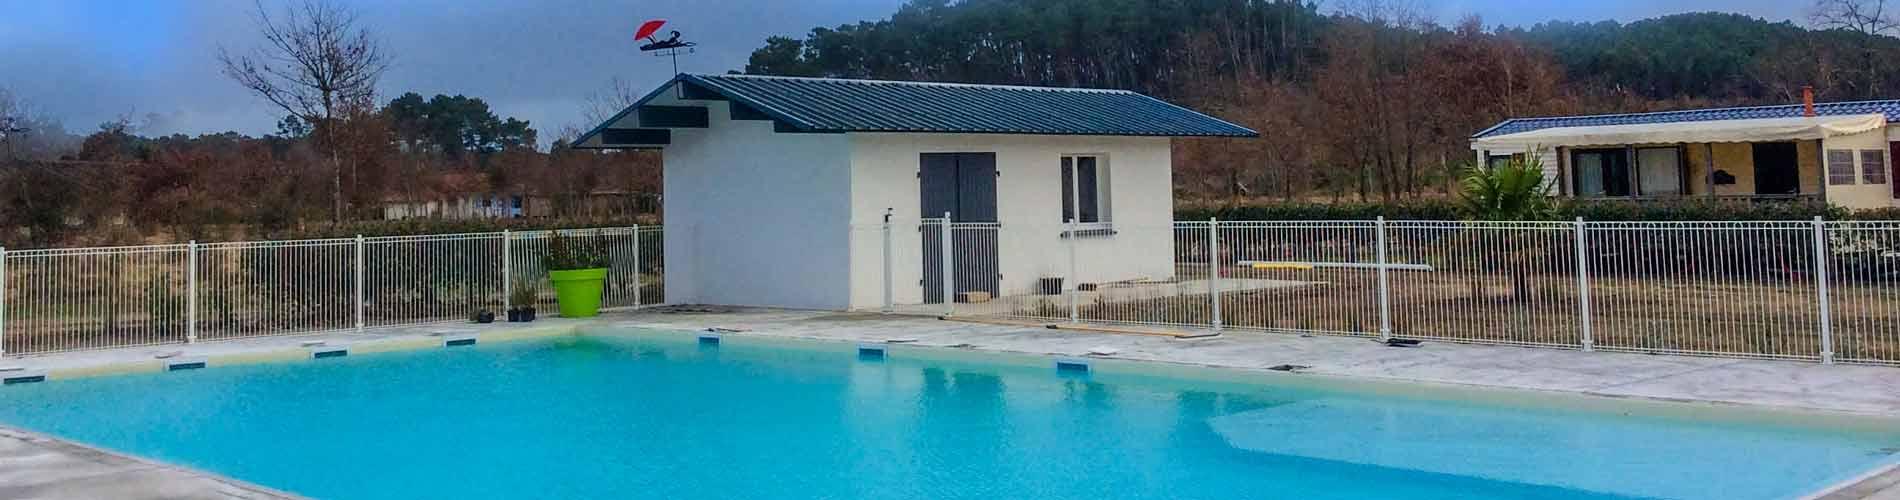 Camping avec piscine landes espace aquatique camping for Camping arcachon avec piscine